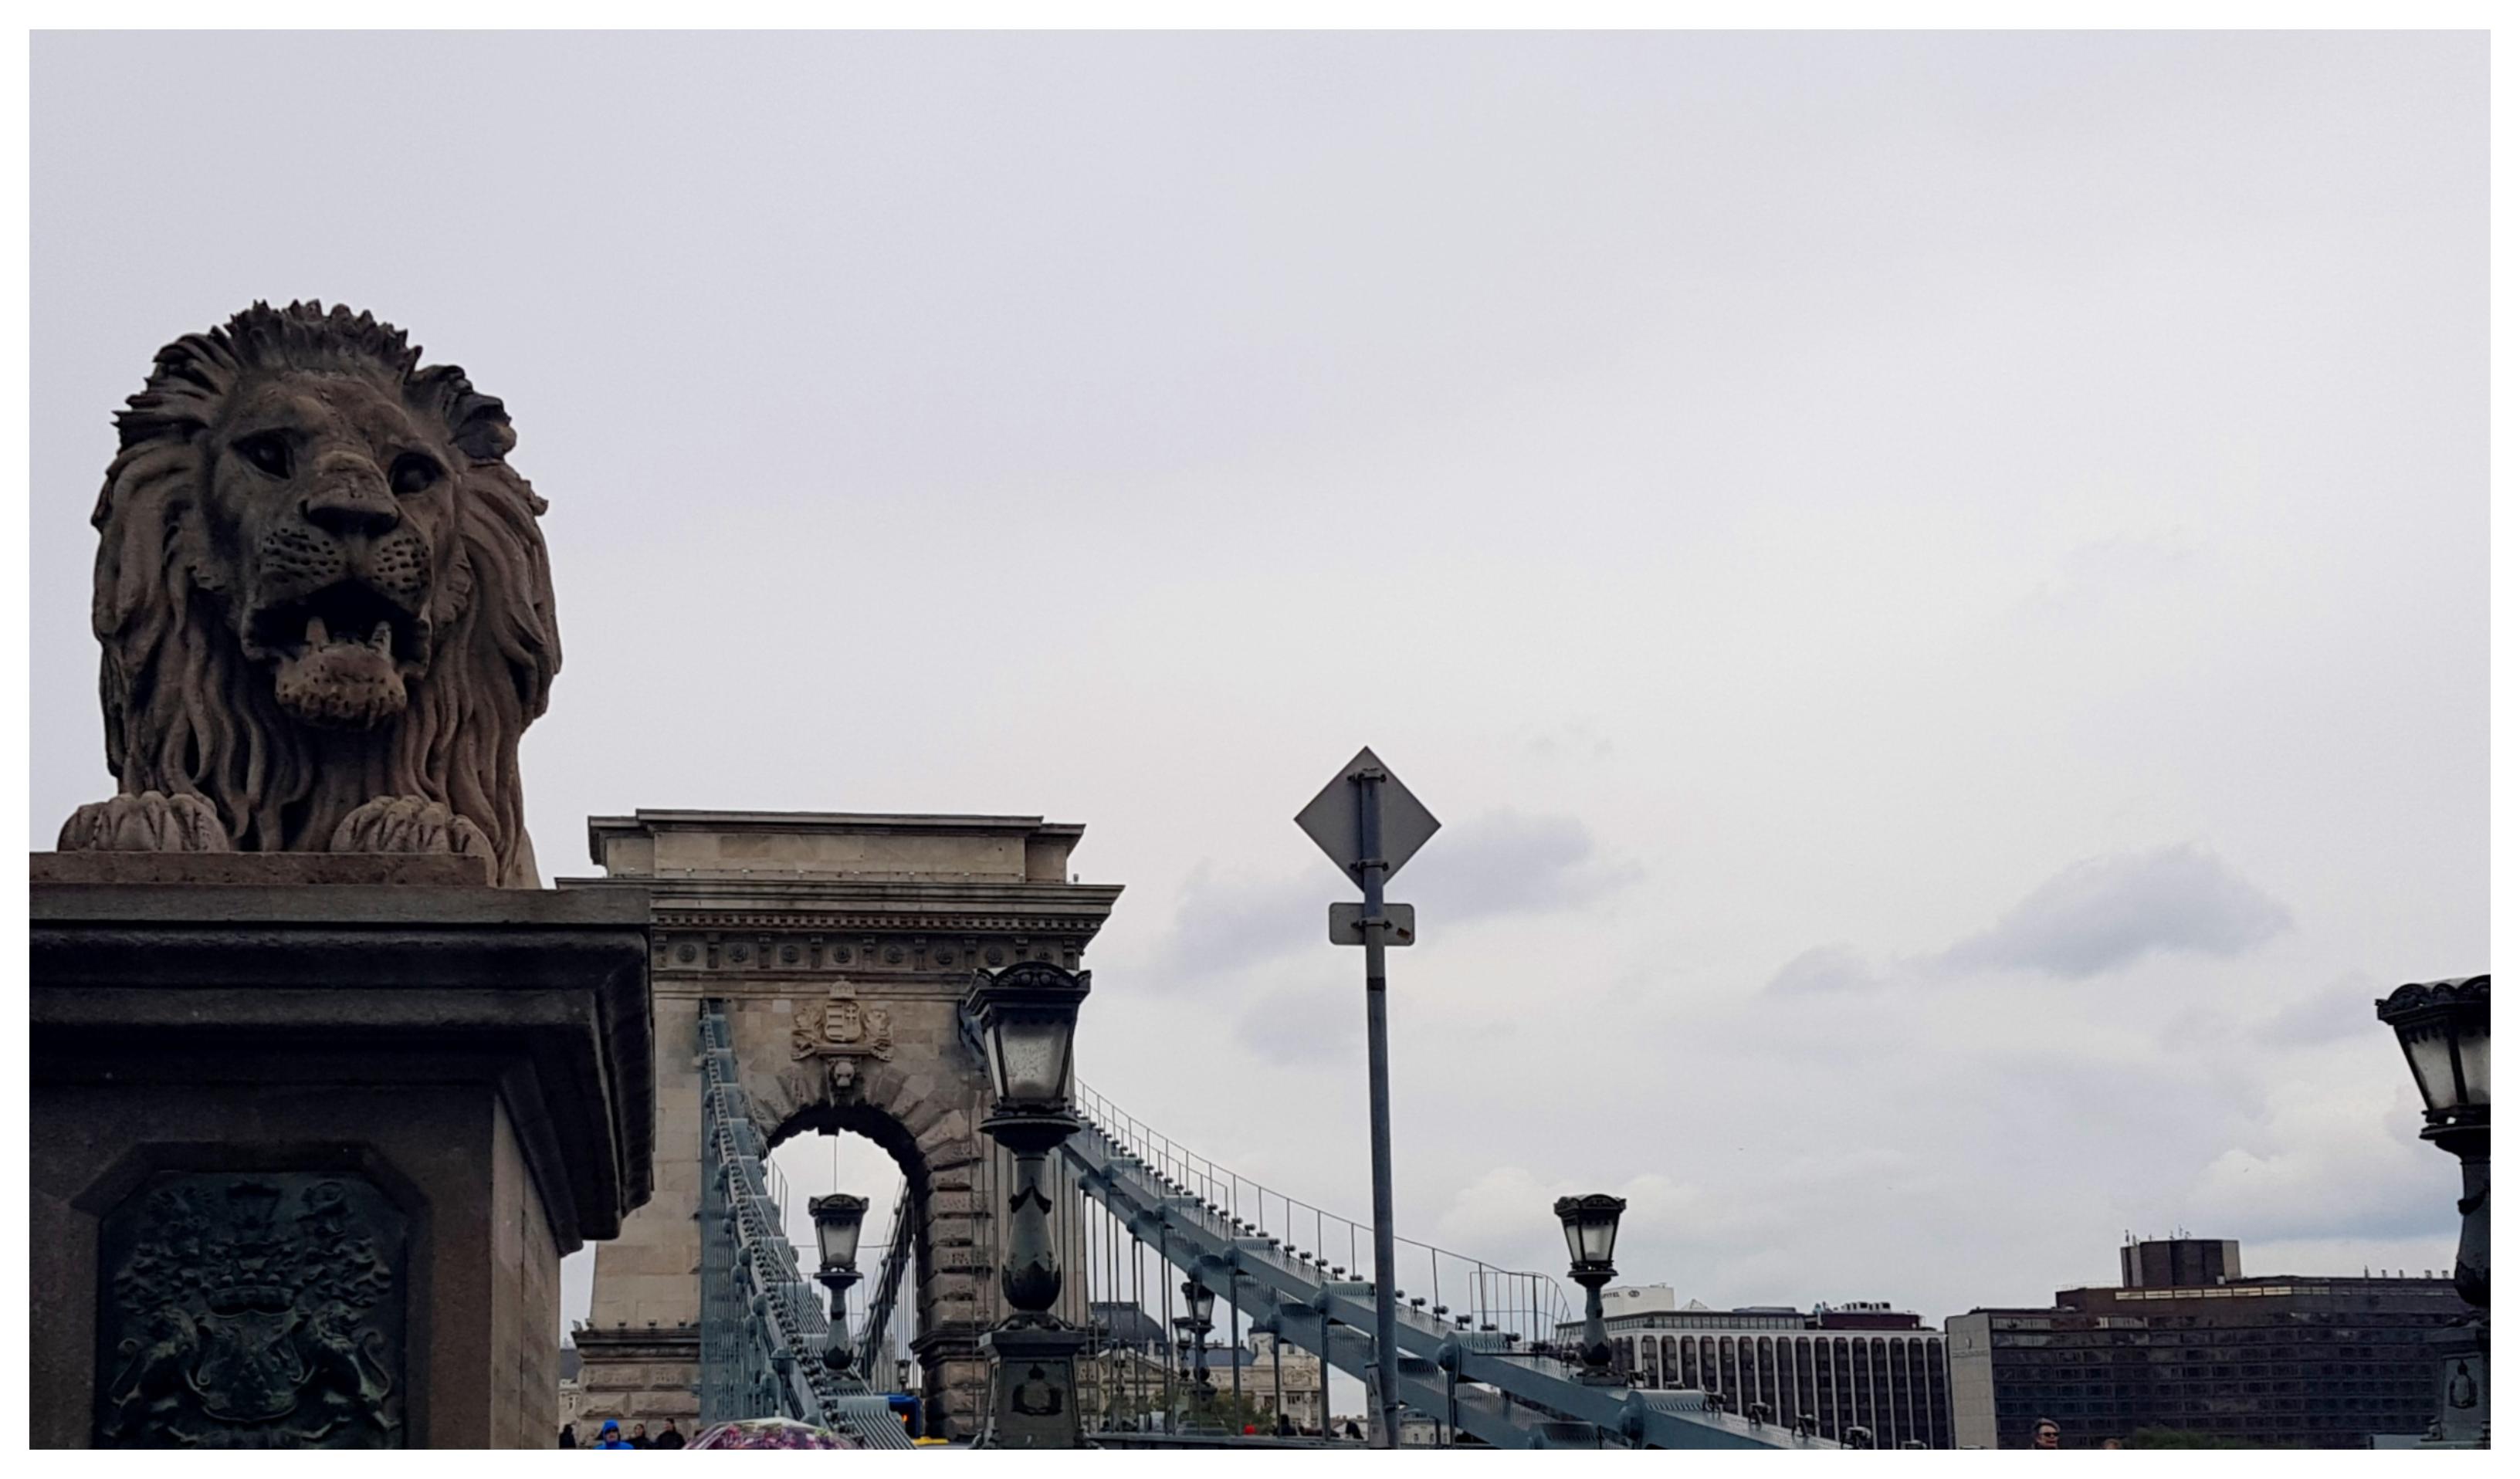 budapest-chains-bridge